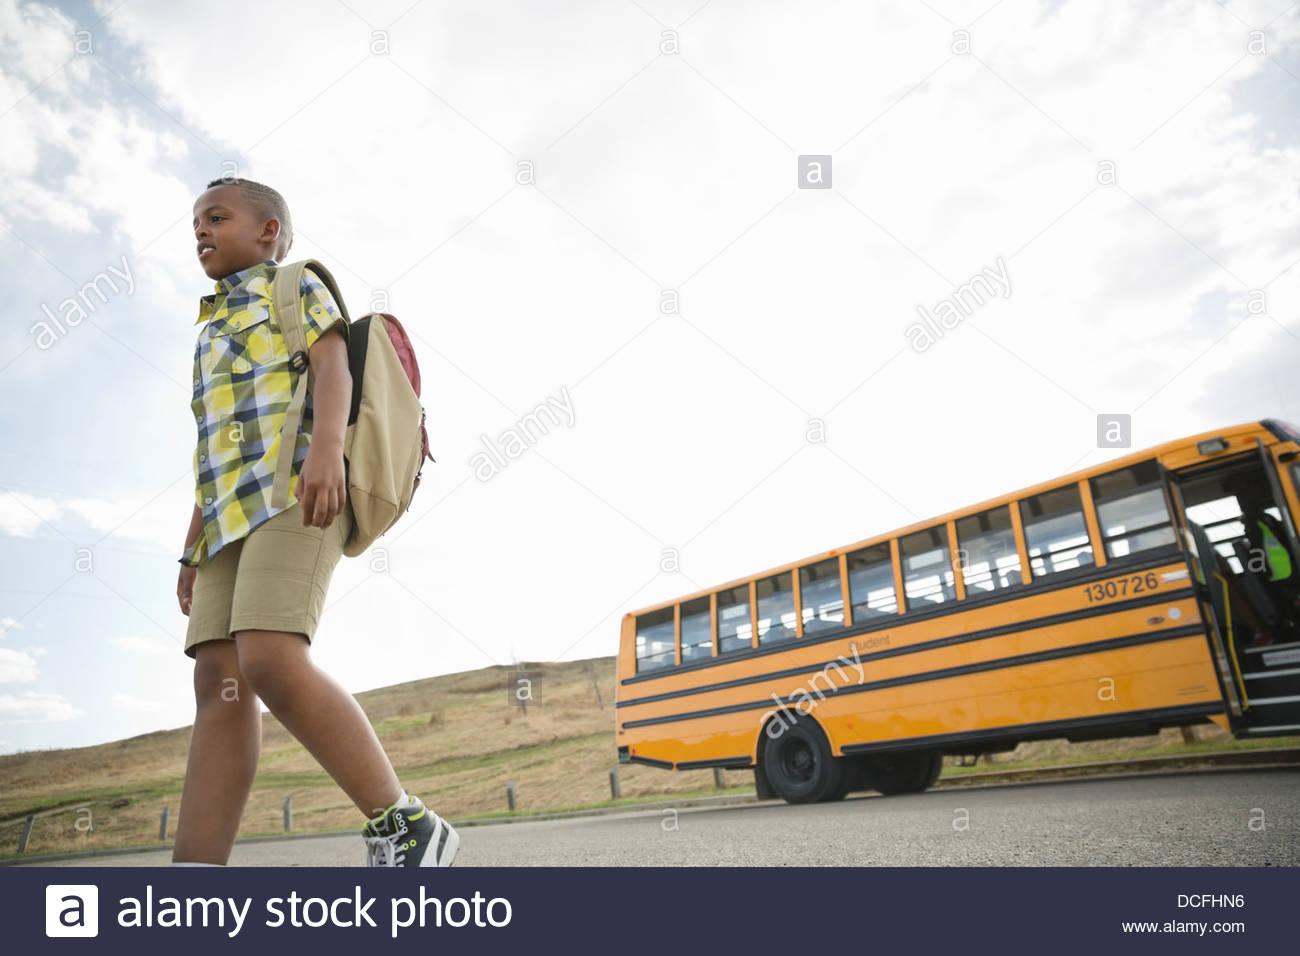 Basso angolo vista di scolaro a piedi dalla scuola bus Immagini Stock